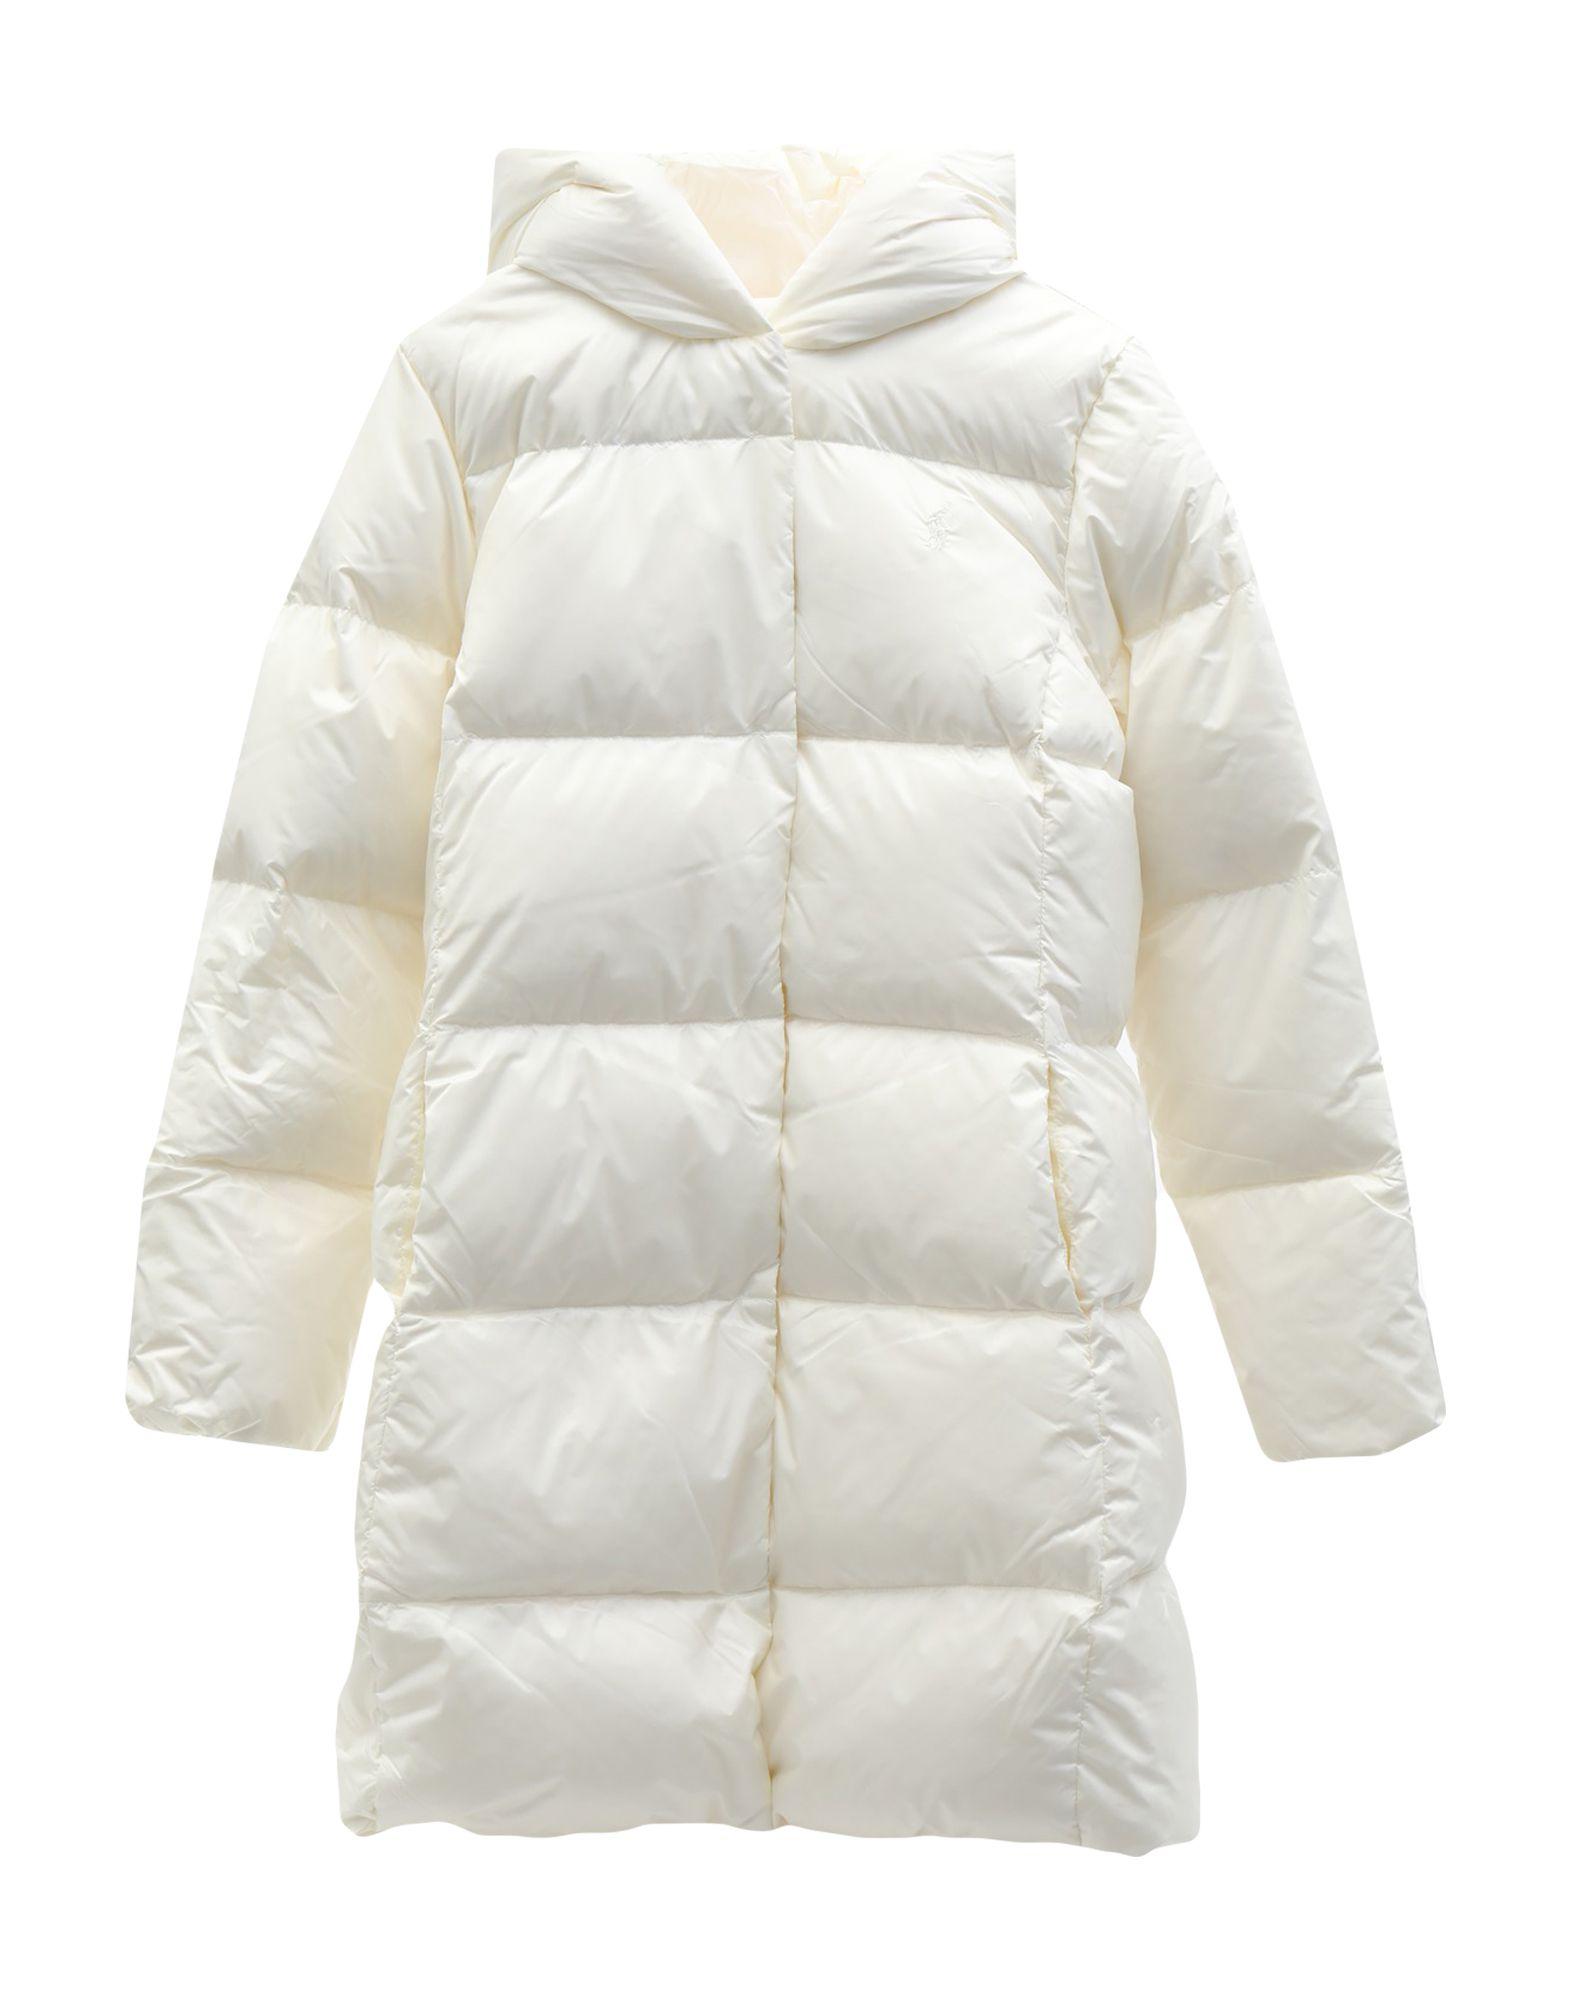 《セール開催中》RALPH LAUREN ガールズ 9-16 歳 ダウンジャケット ホワイト 12 ナイロン 100% Quilted Down Long Coat